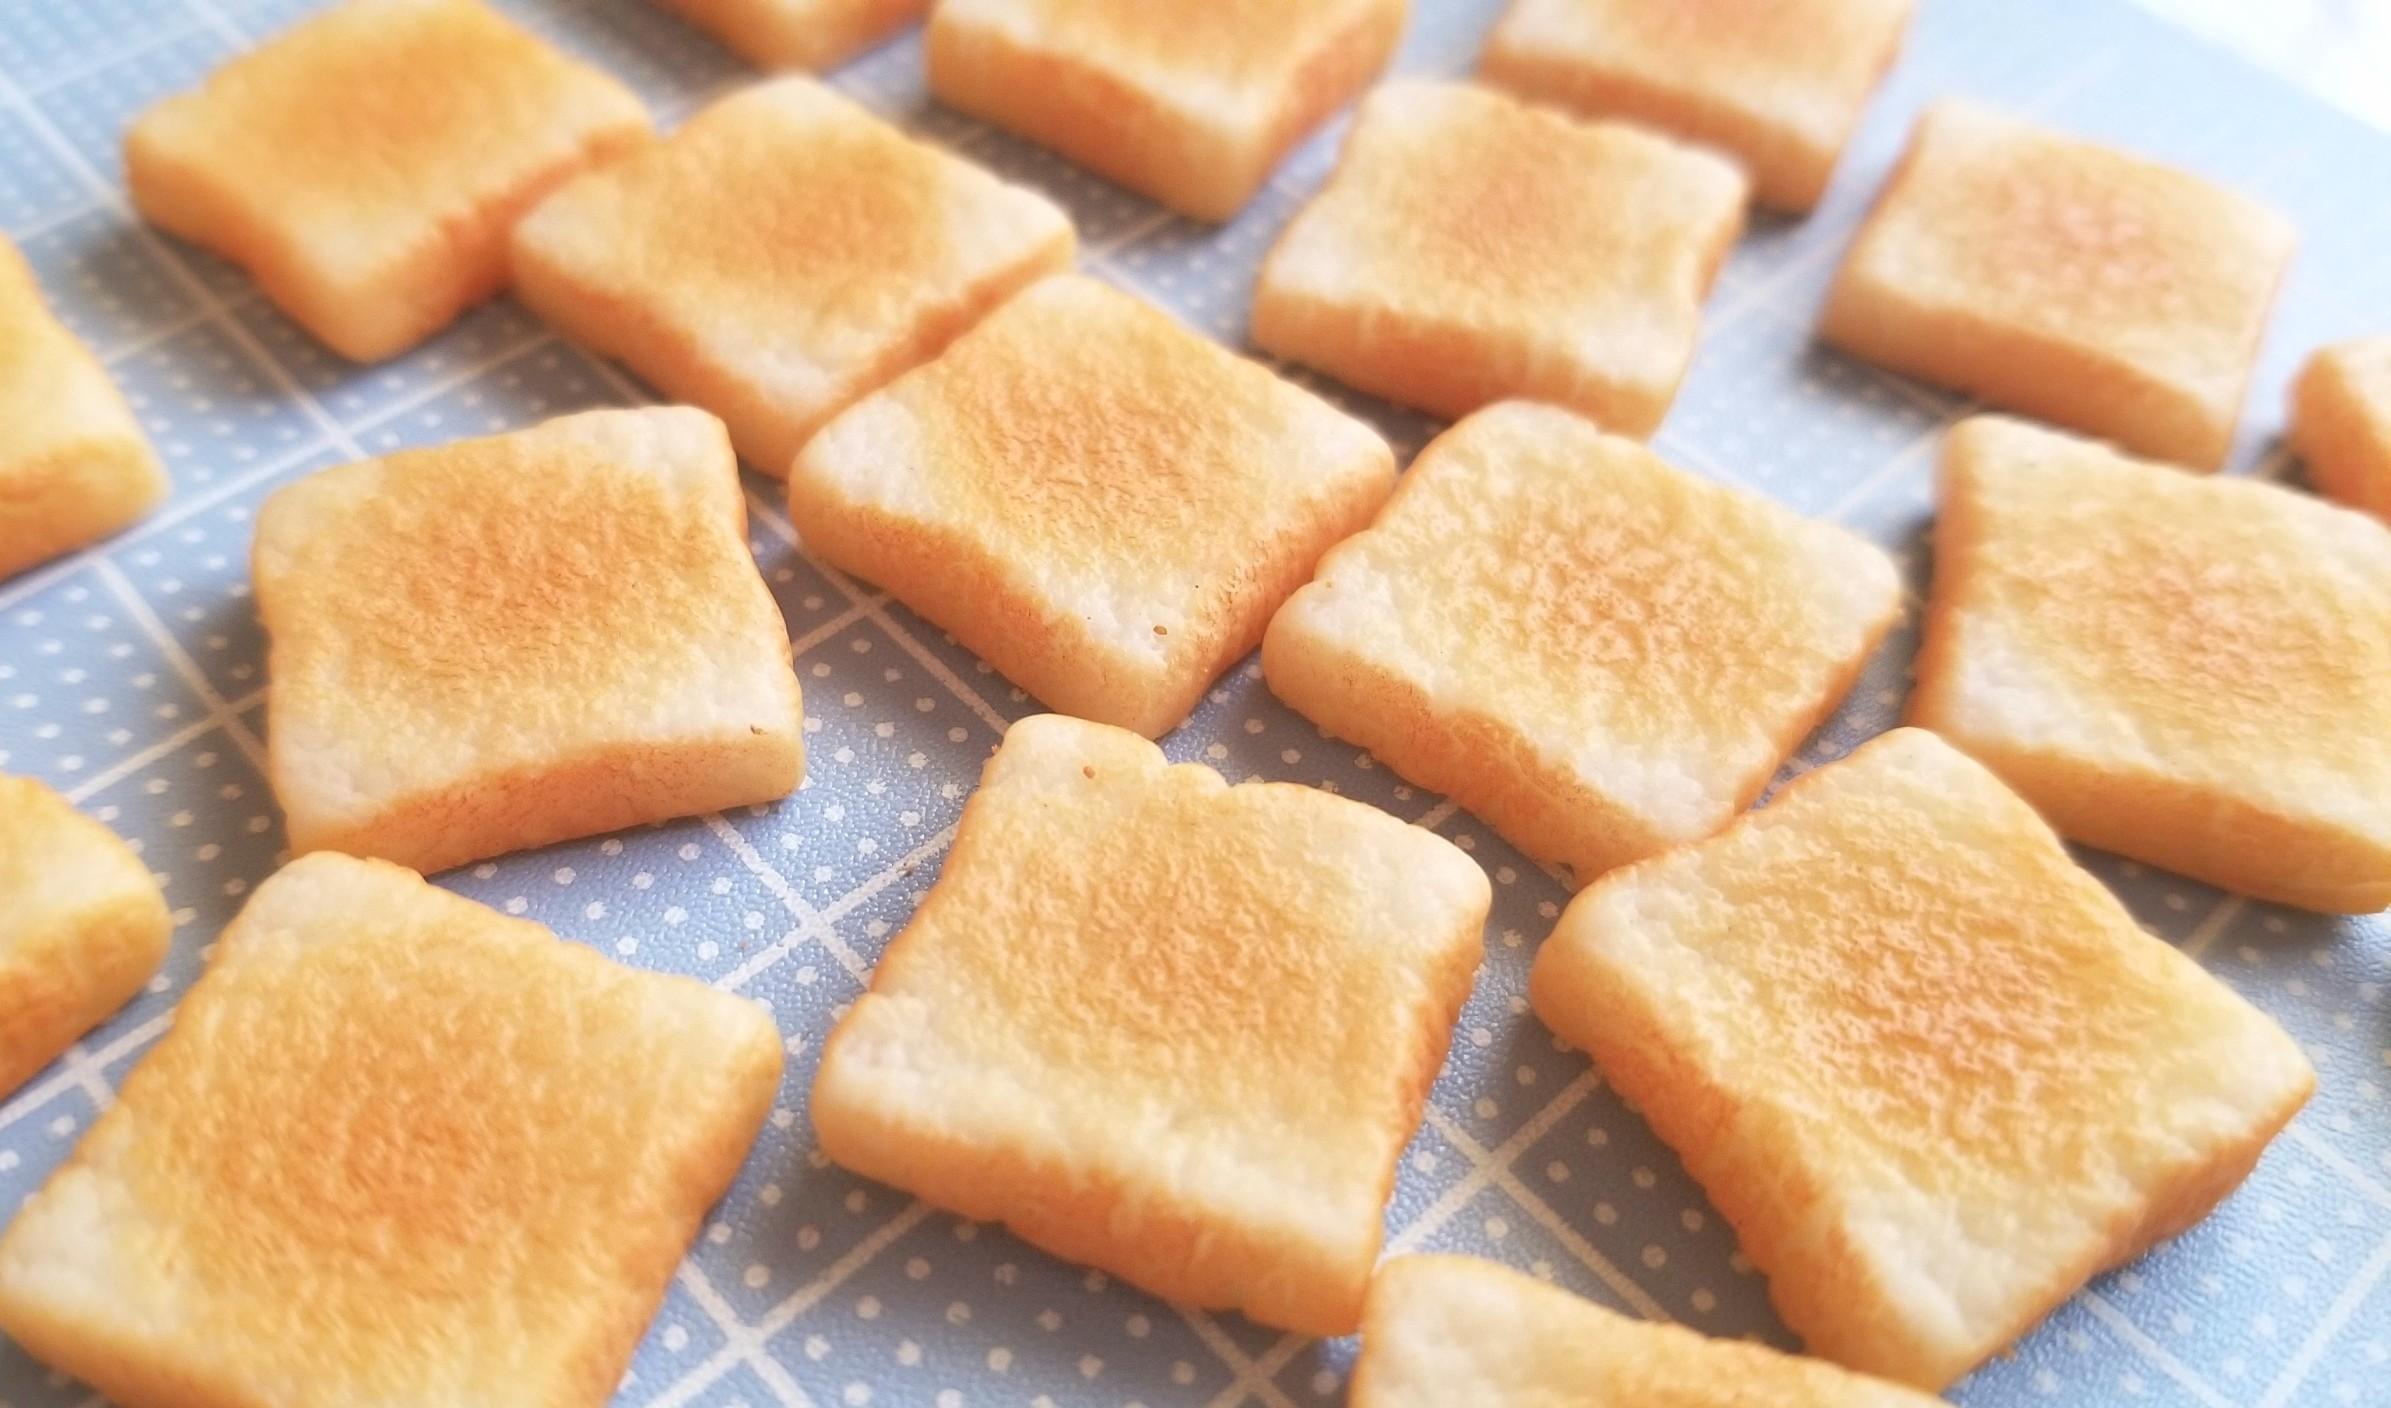 ミニチュア,食パン,トースト,作り方,樹脂粘土,フェイクフード,着色